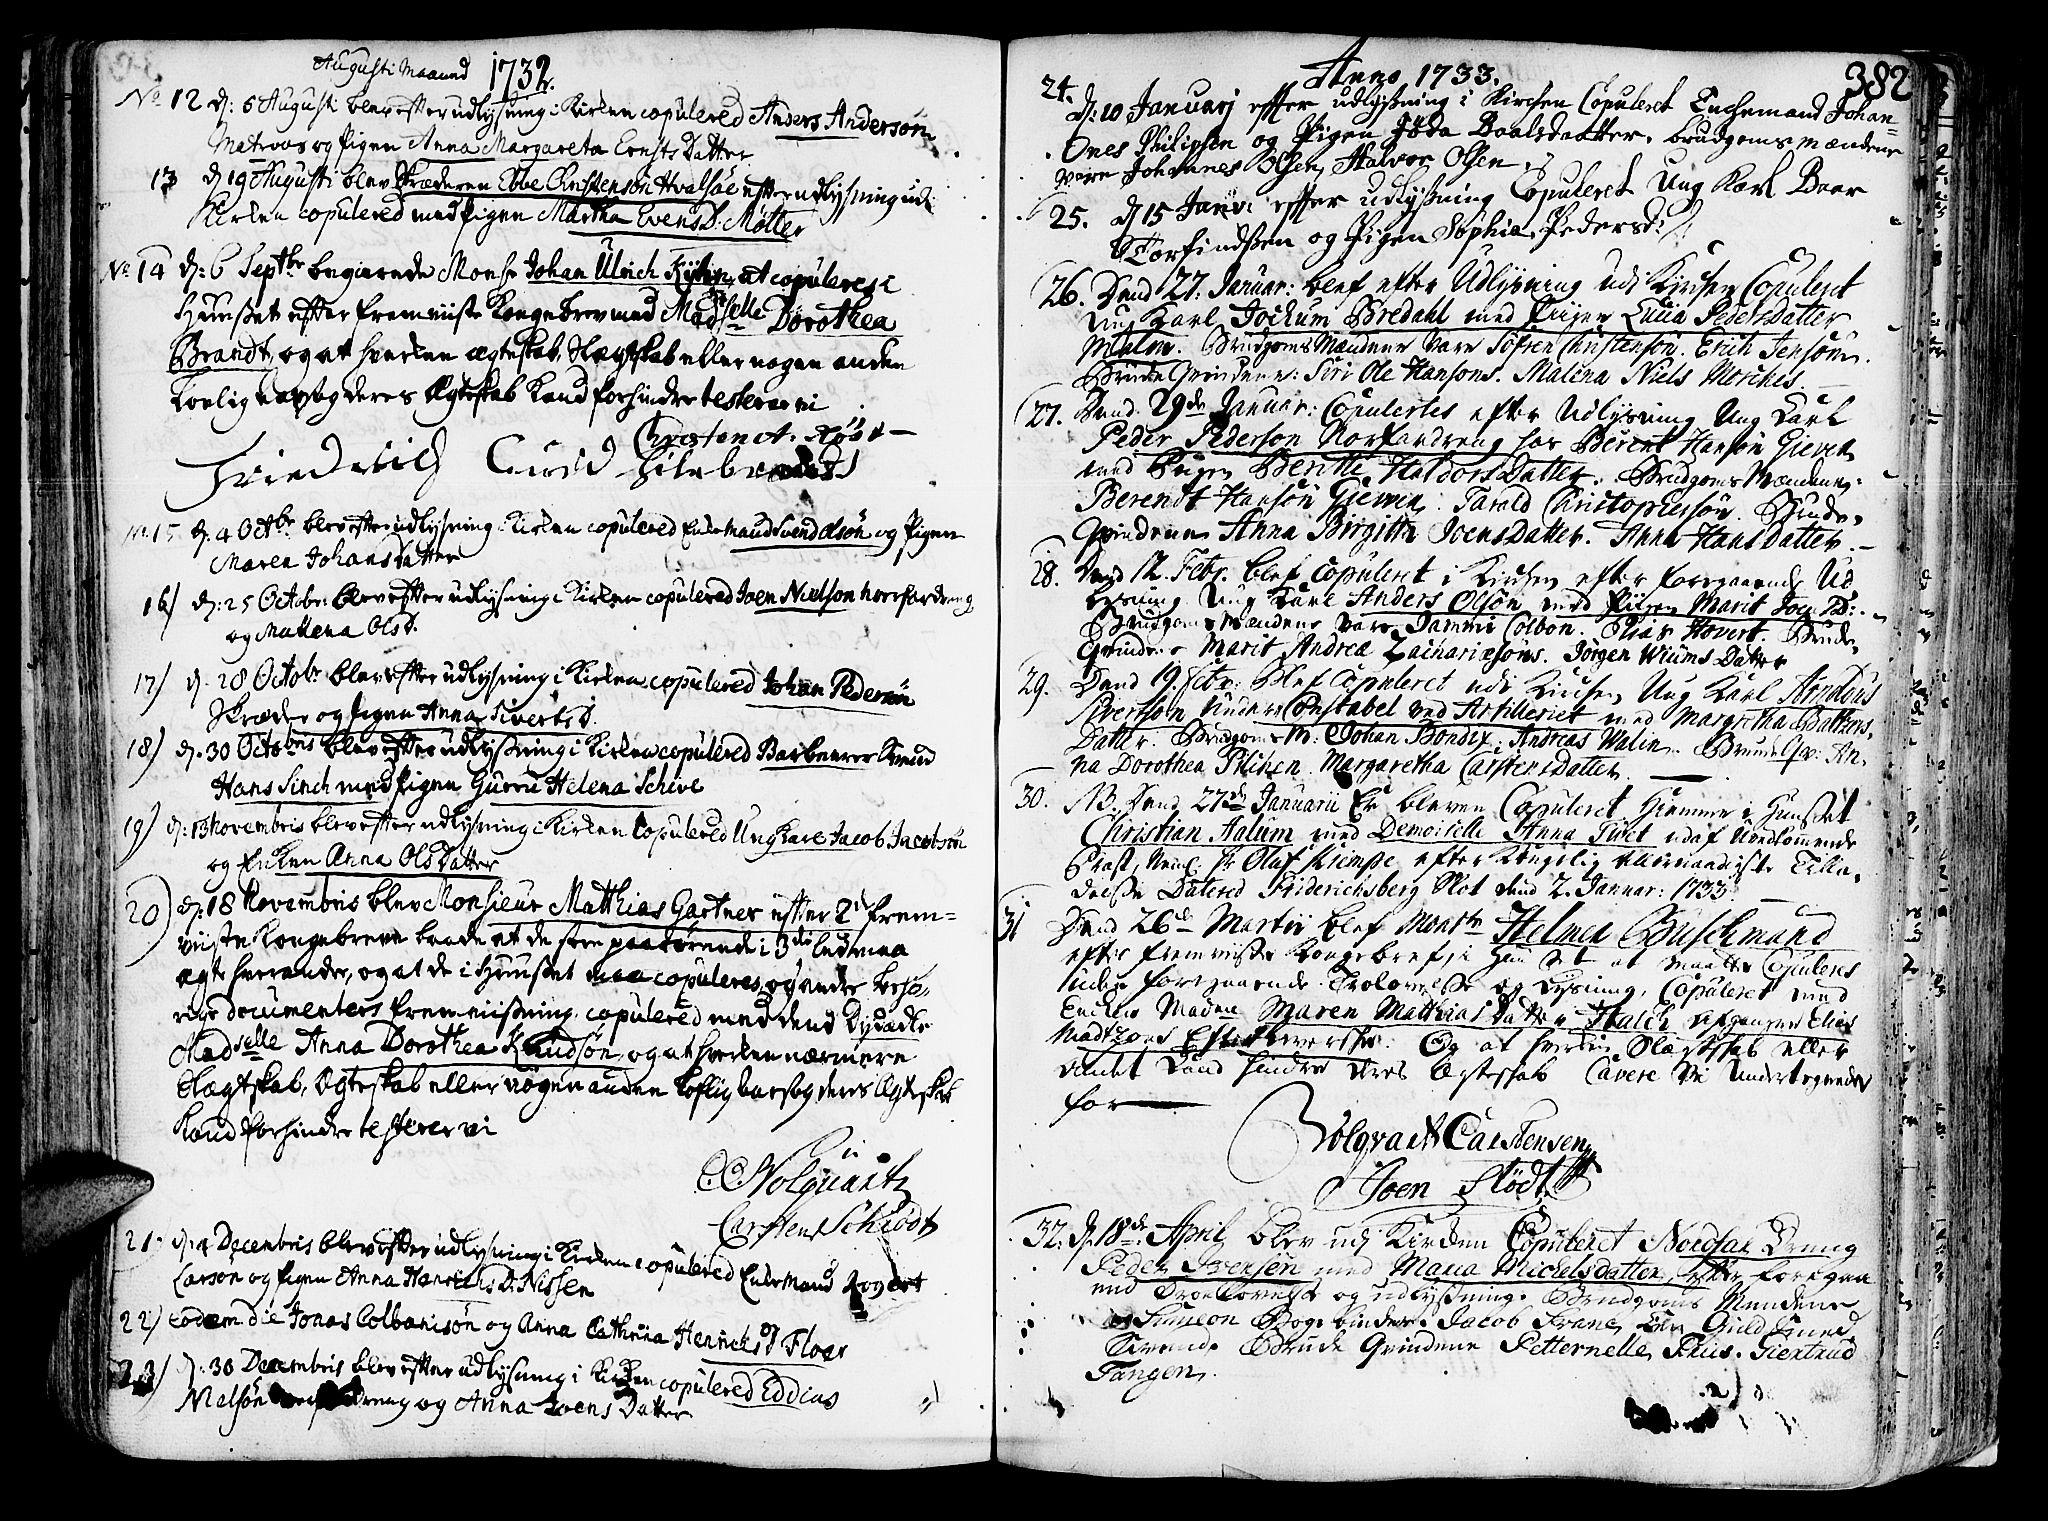 SAT, Ministerialprotokoller, klokkerbøker og fødselsregistre - Sør-Trøndelag, 602/L0103: Ministerialbok nr. 602A01, 1732-1774, s. 382